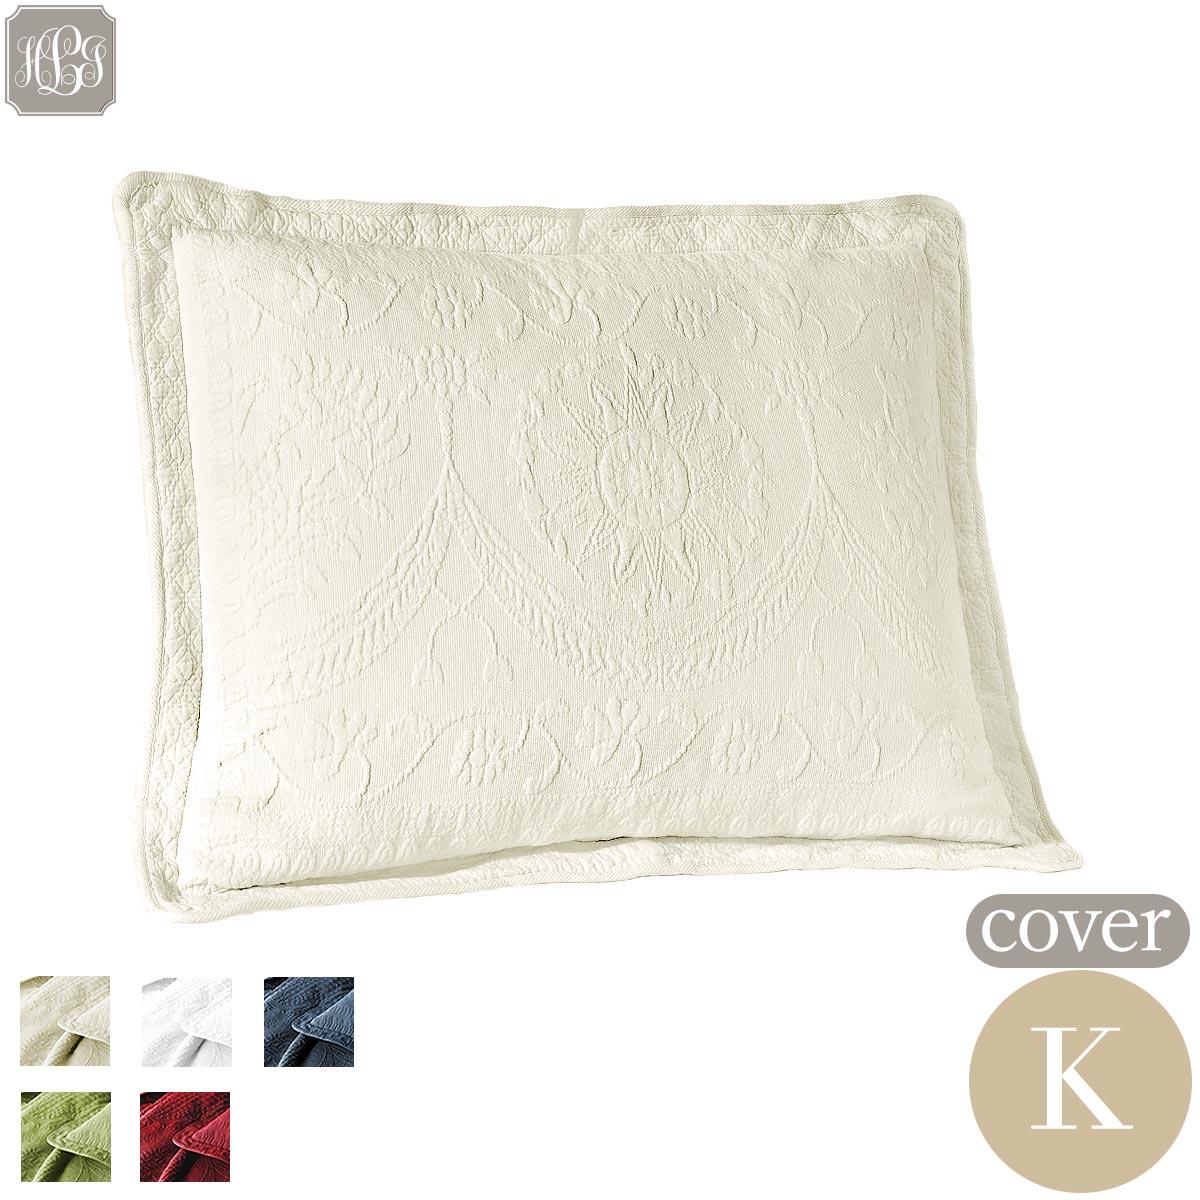 ピローケース 包み型キング 50cmx90cm キングチャールズマトラッテ 北欧 綿100 枕カバー ロング ホワイト アイボリー ブルー レッド グリーン 白 青 赤